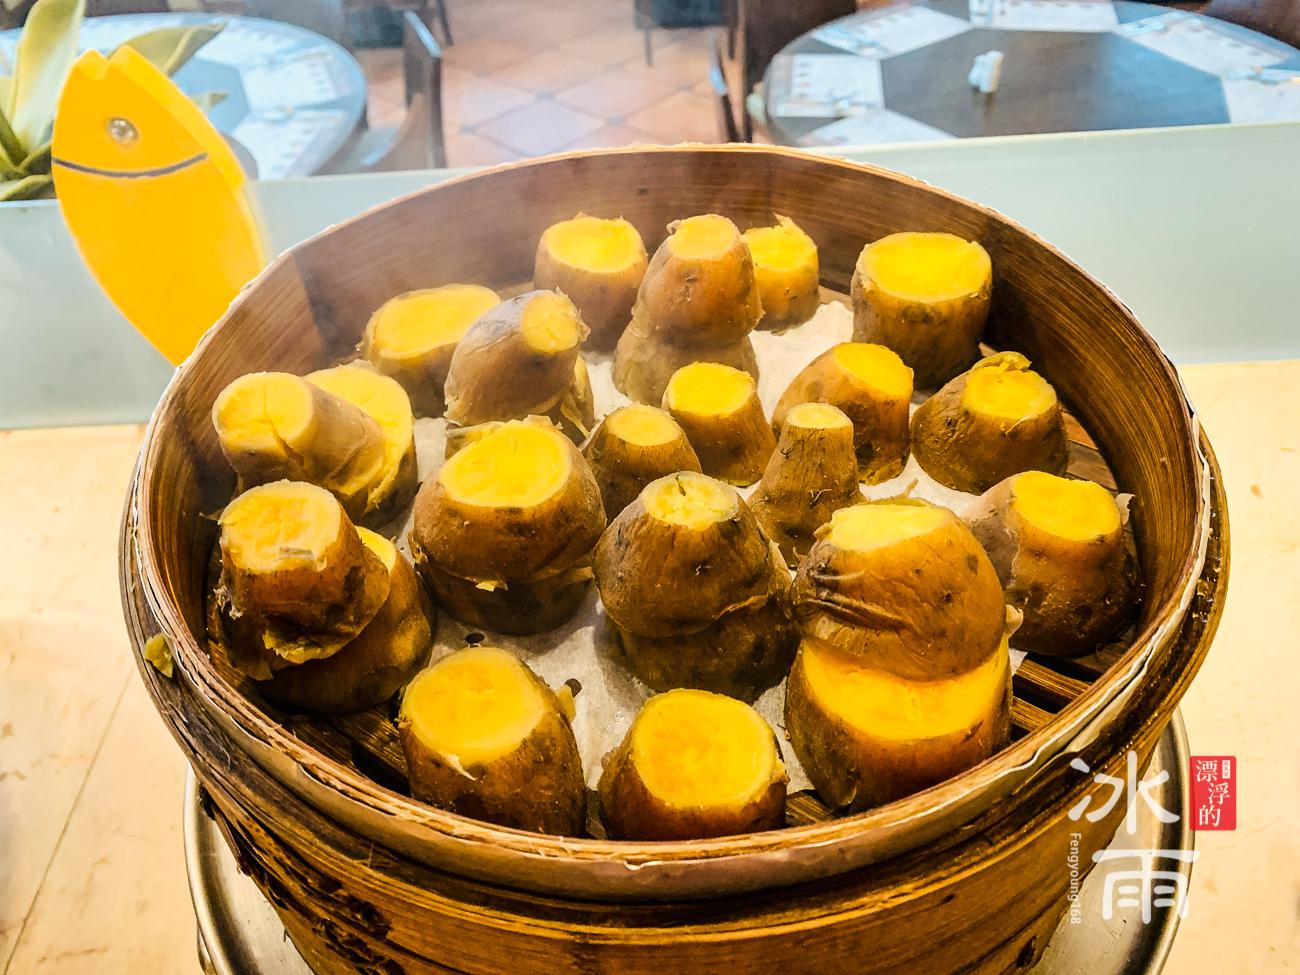 陽明山天籟溫泉會館|早餐菜色|金山在地地瓜